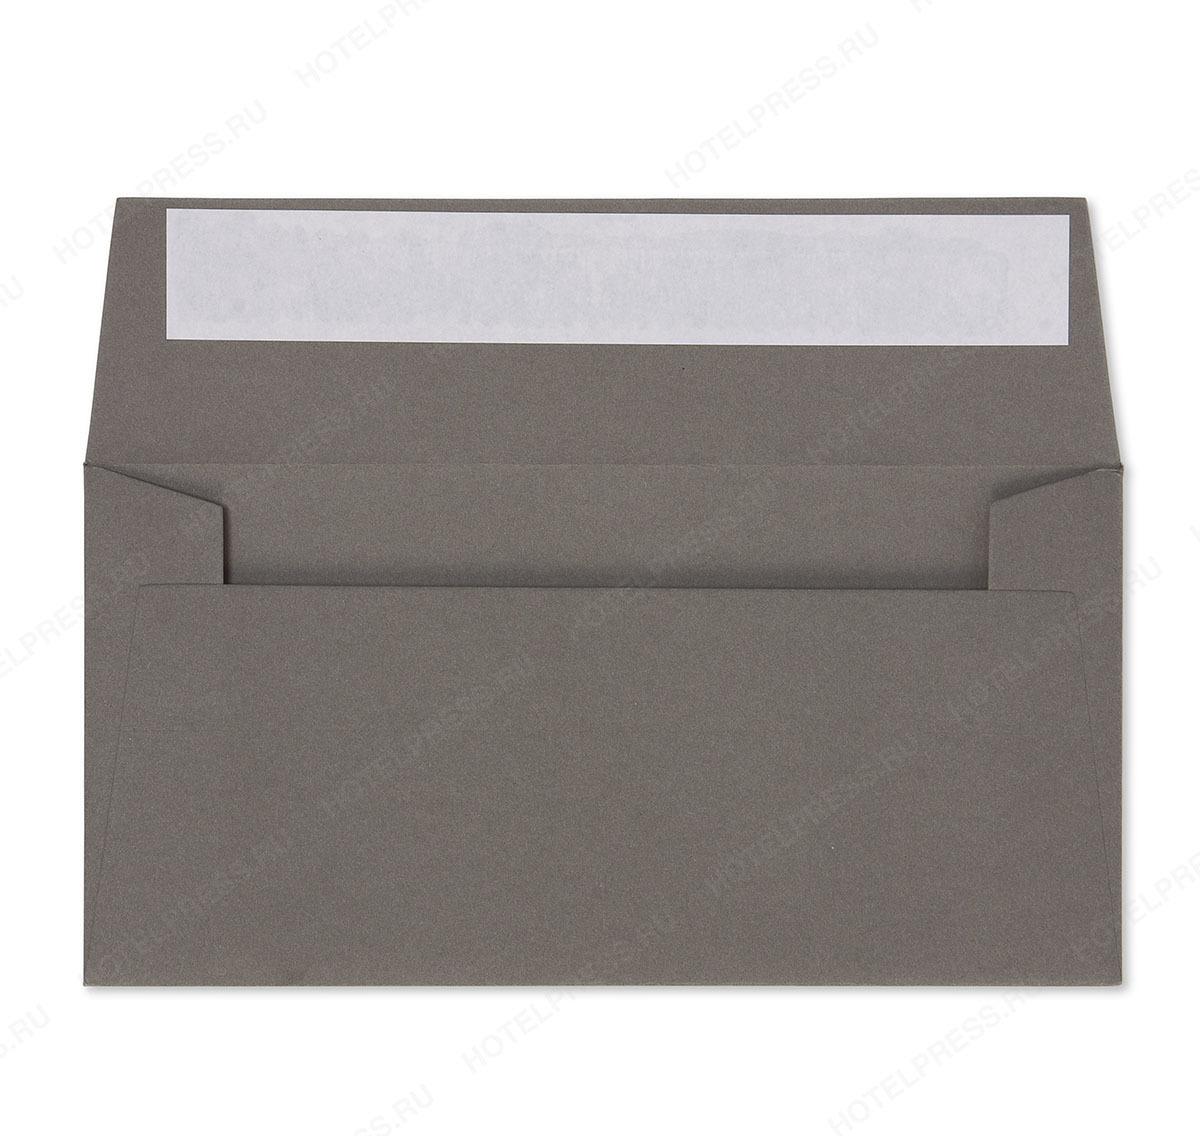 Конверт формата Е65 из плотной дизайнерской бумаги